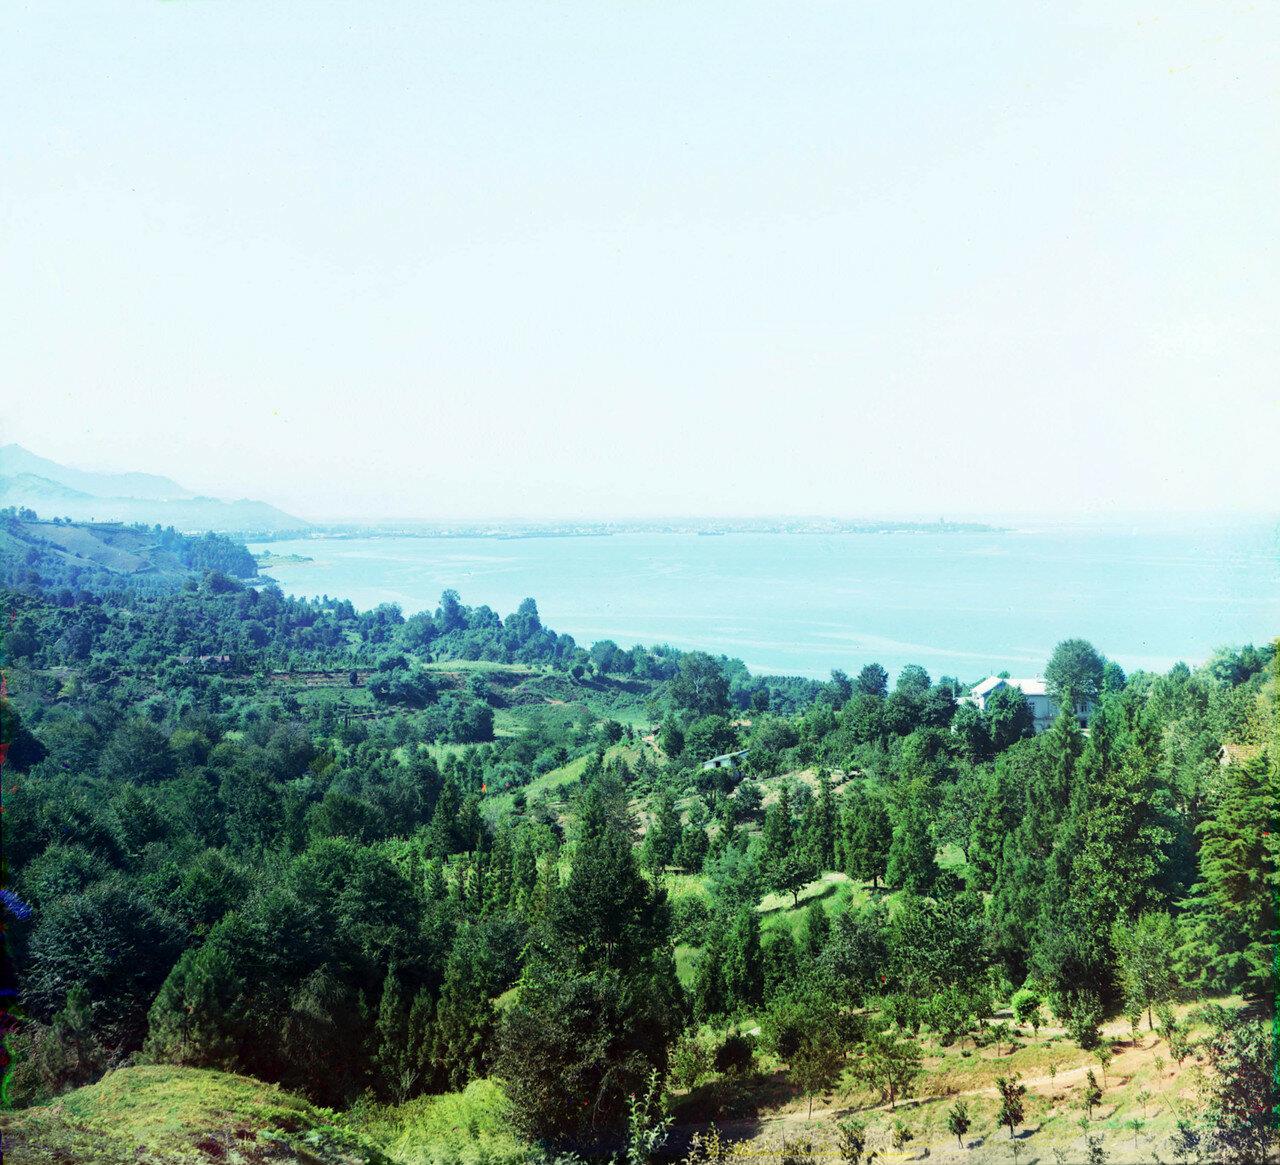 Окрестности Батума.  Чаква. Вид на Батумское побережье